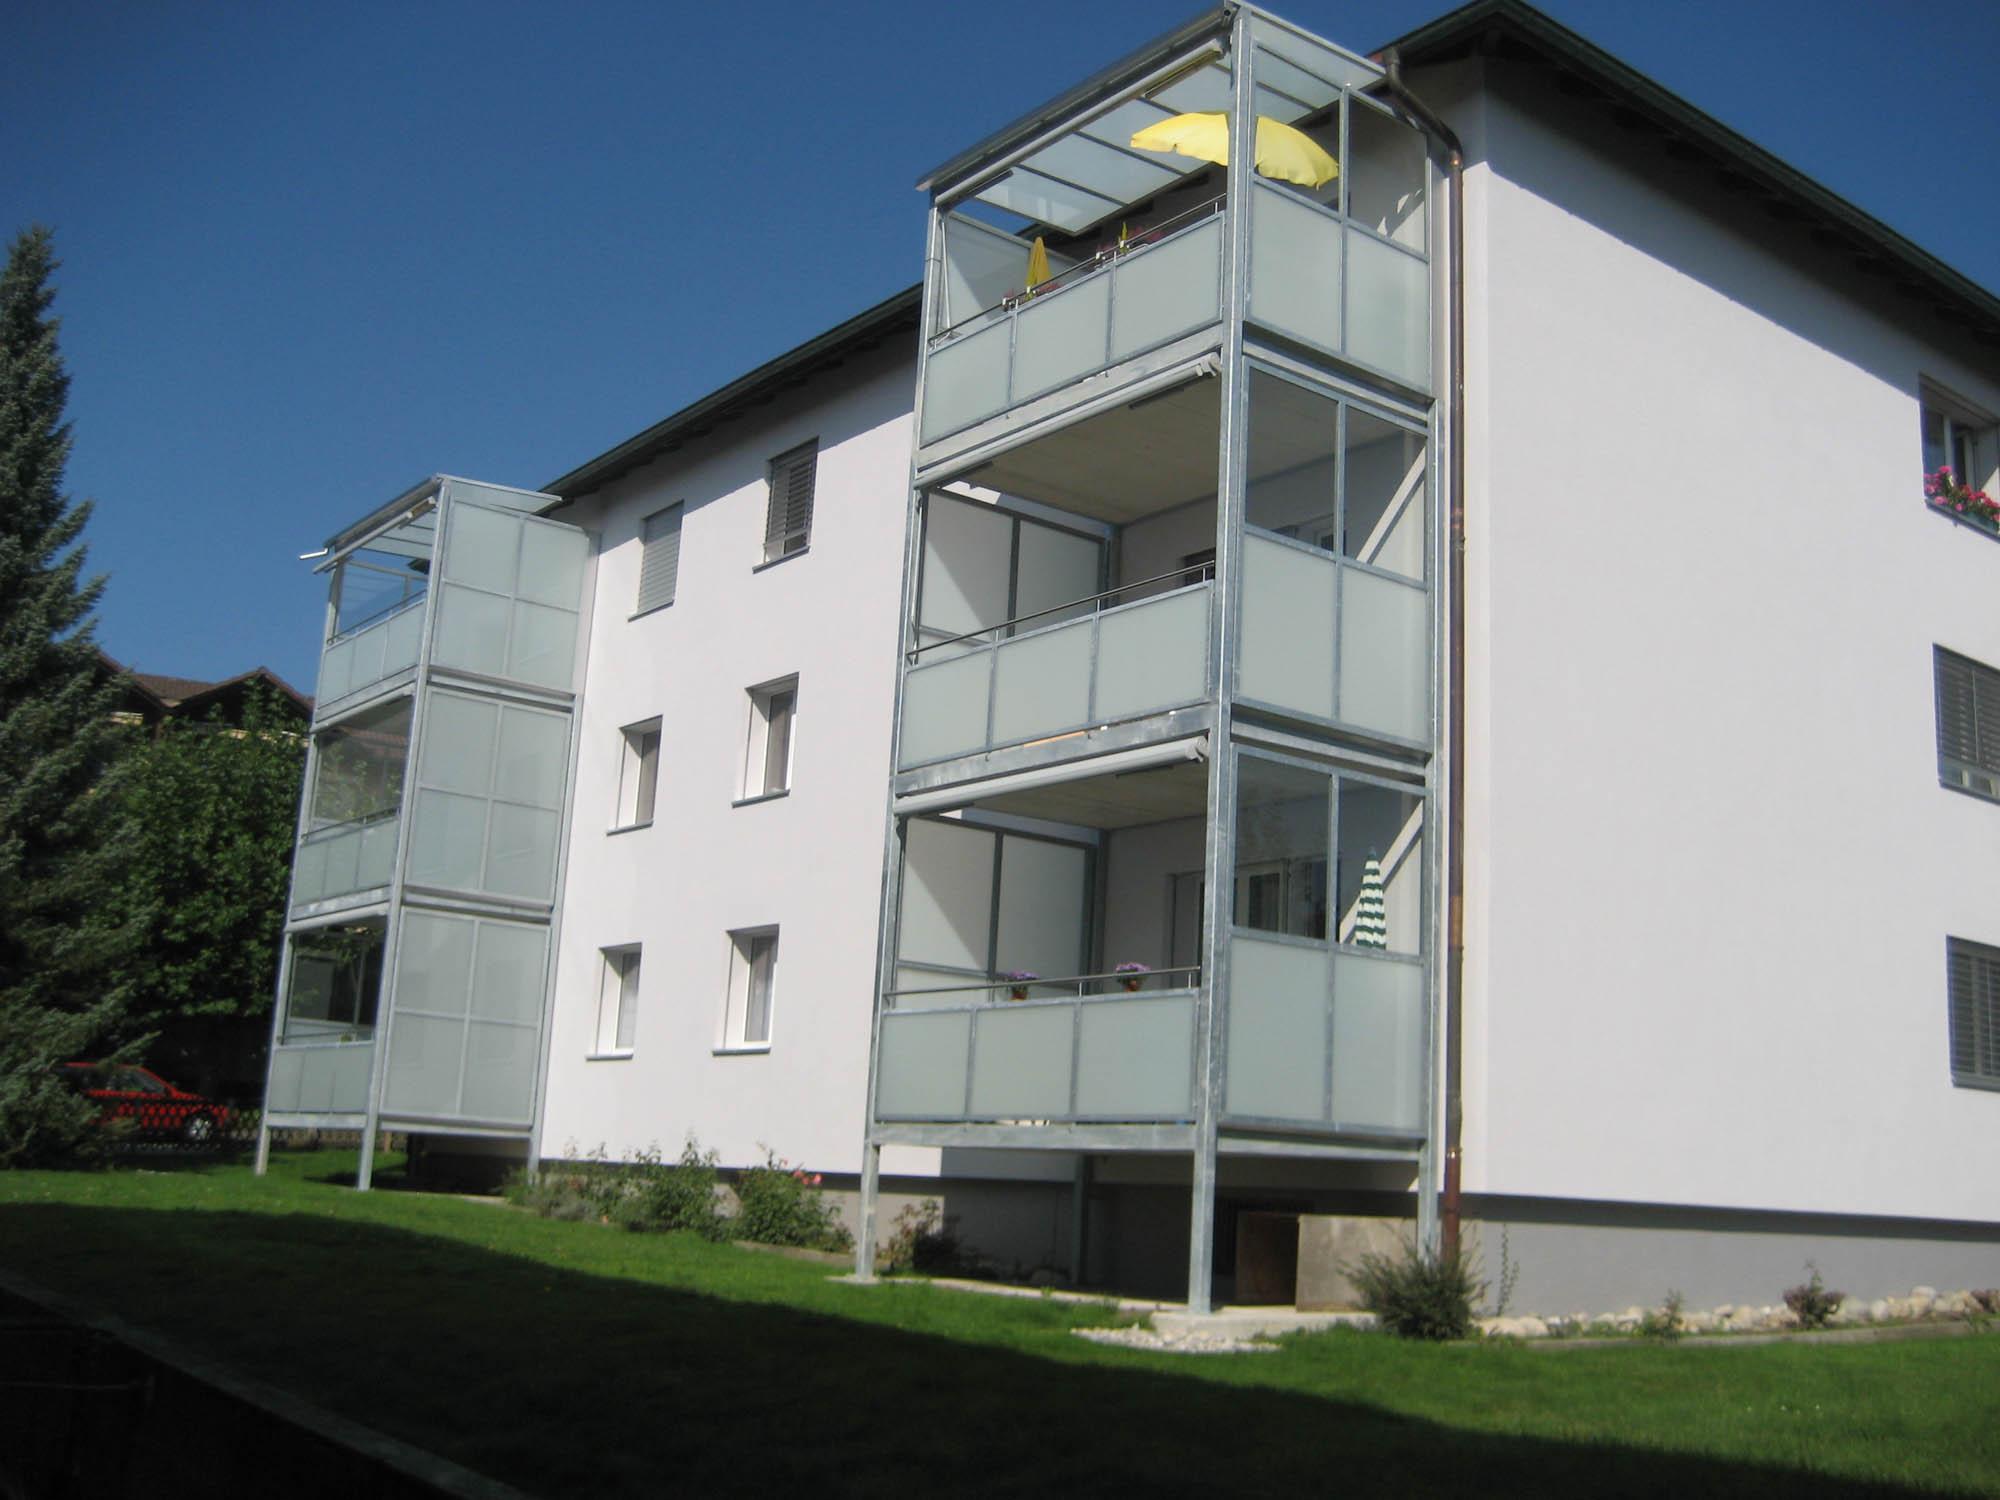 Balkonerweiterung mit Mattglas